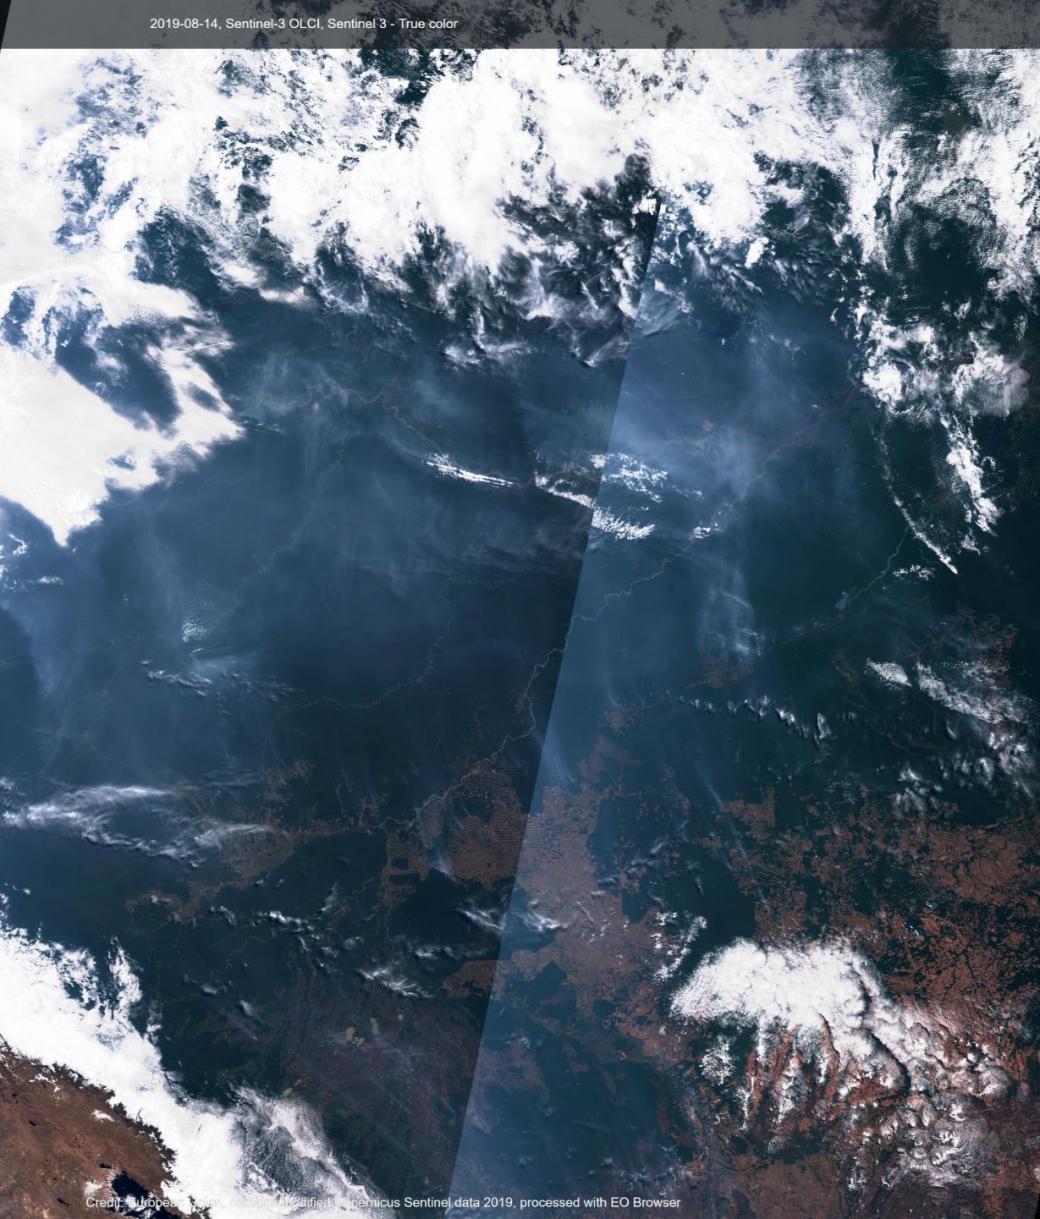 Rừng mưa nhiệt đới Amazon đang bị cháy lớn đến mức có thể quan sát từ trên không gian